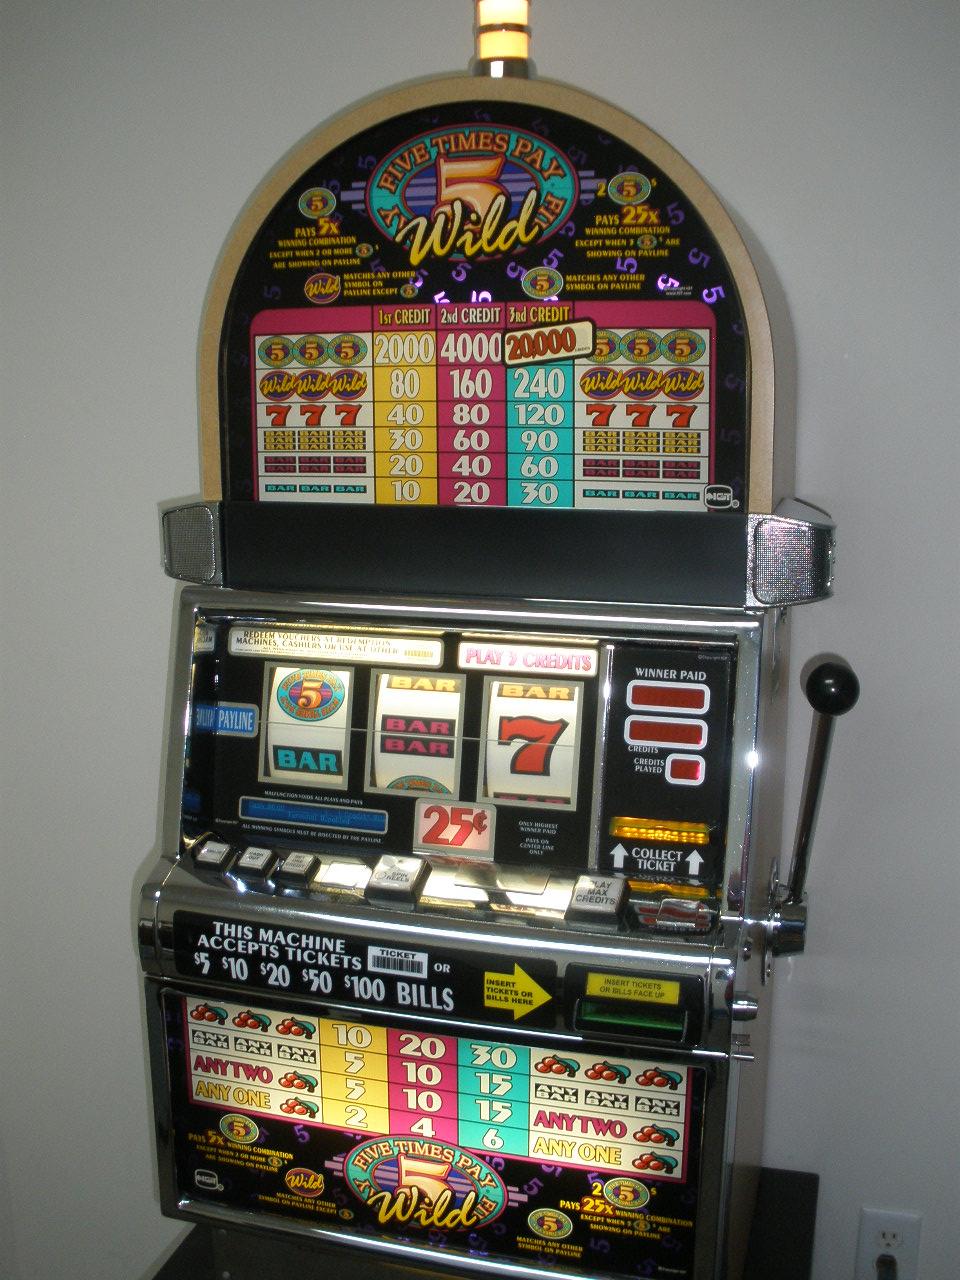 Igt slot machine error codes